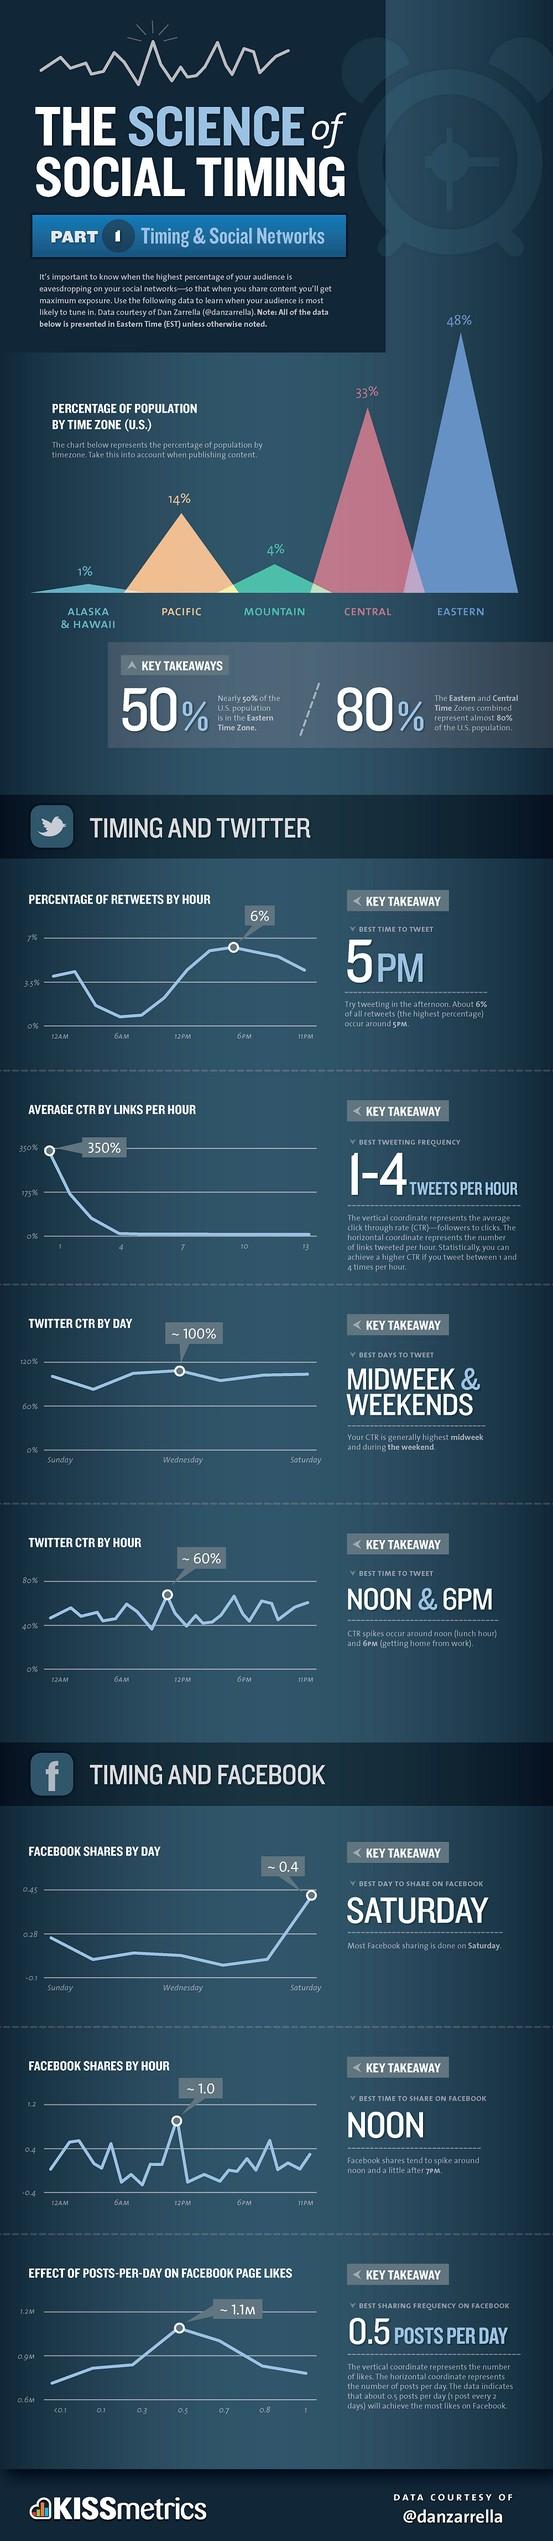 Science of Social Timing - by kissmetrics.com